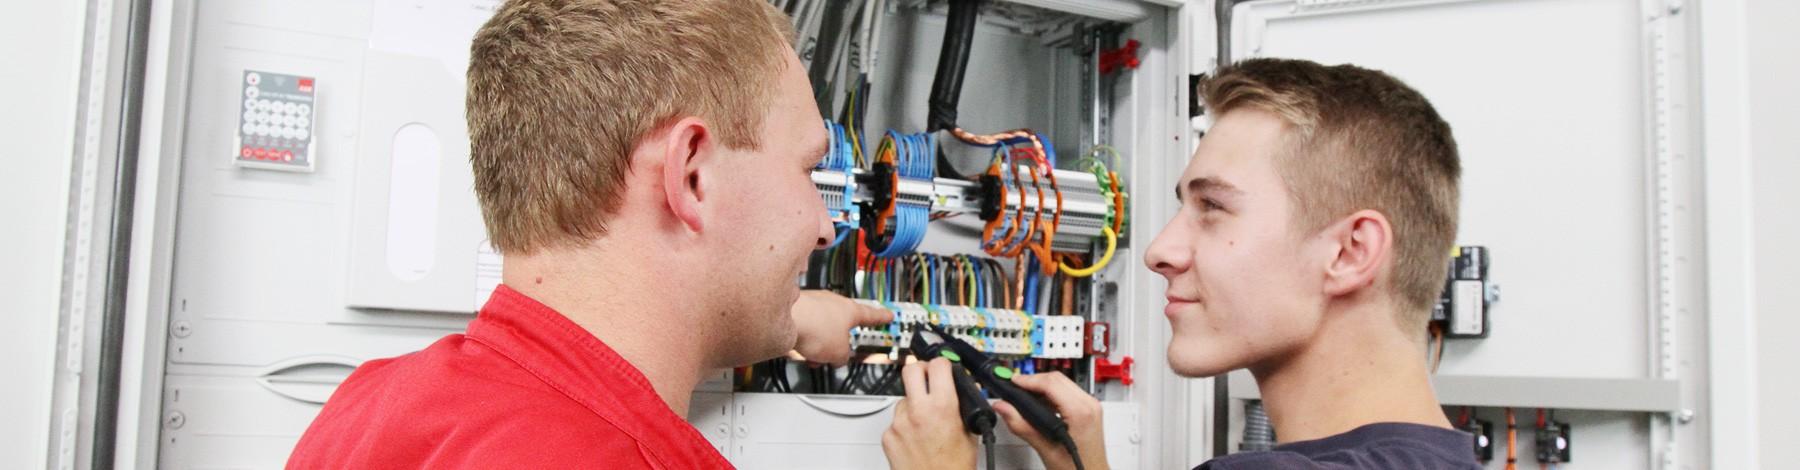 Elektroniker/in Fachrichtung Energie- und Gebäudetechnik